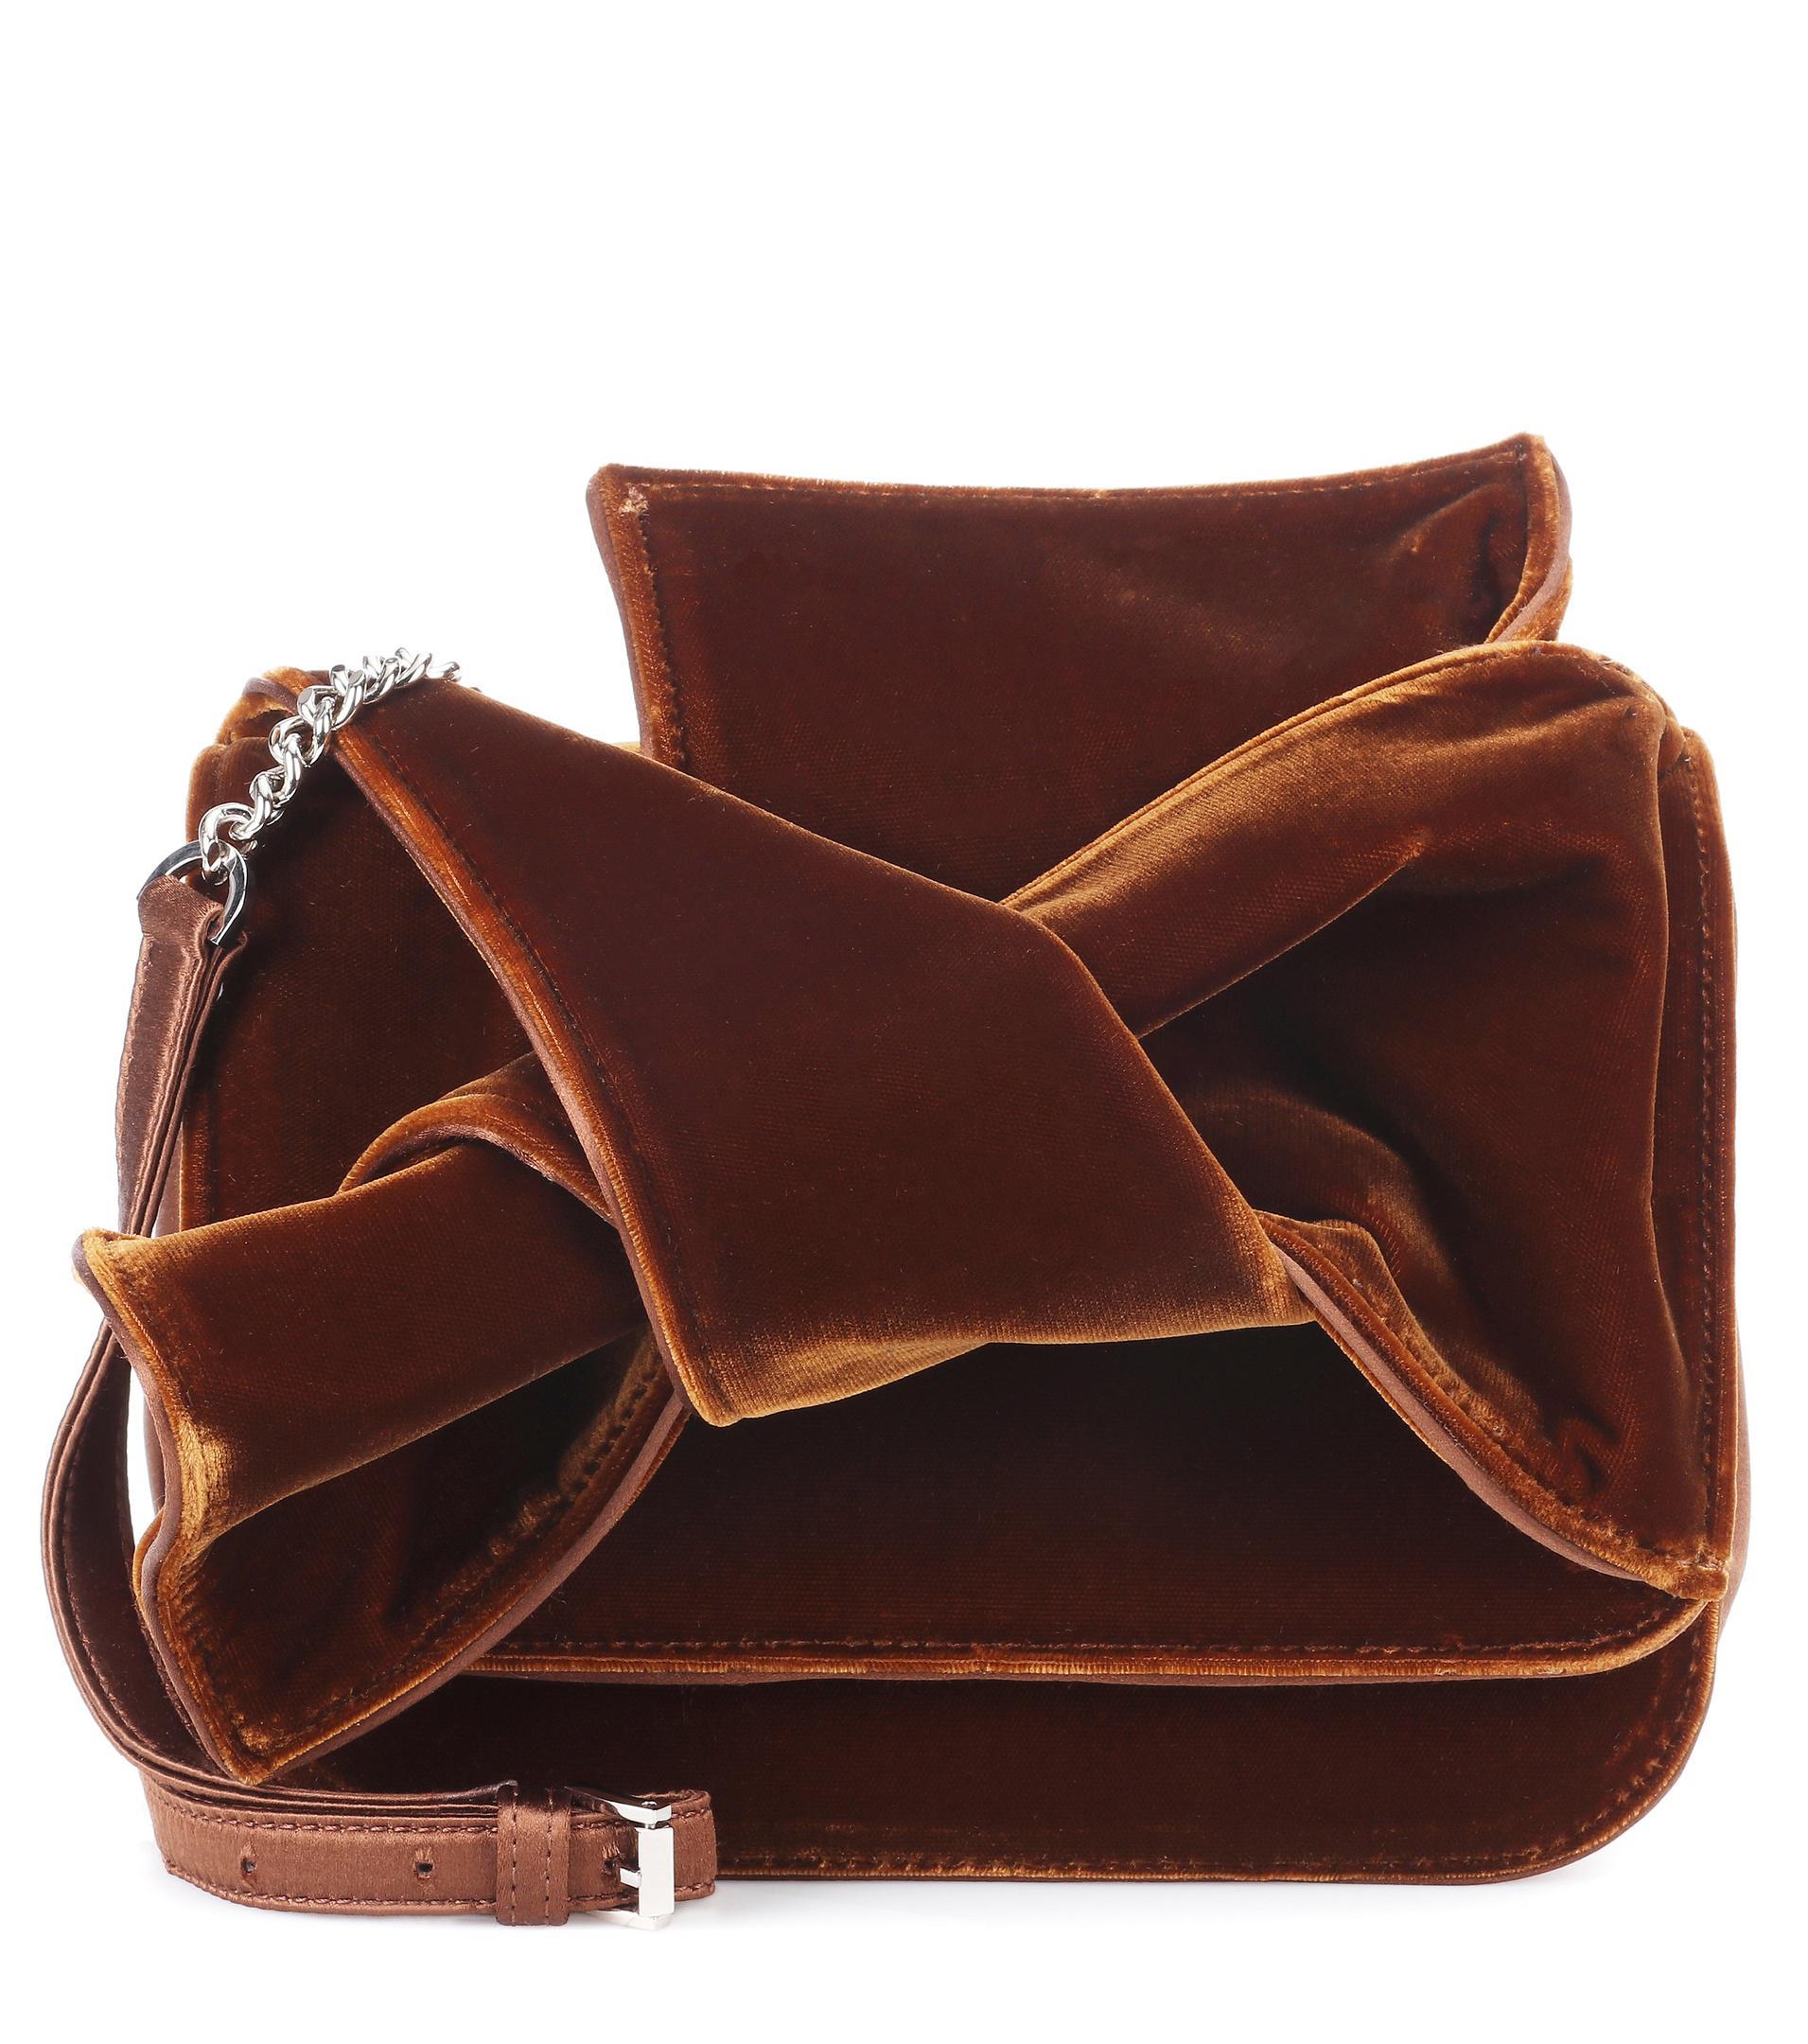 VIDA Leather Statement Clutch - Dragon Scale LeatherClutc by VIDA z9szaWBGnf